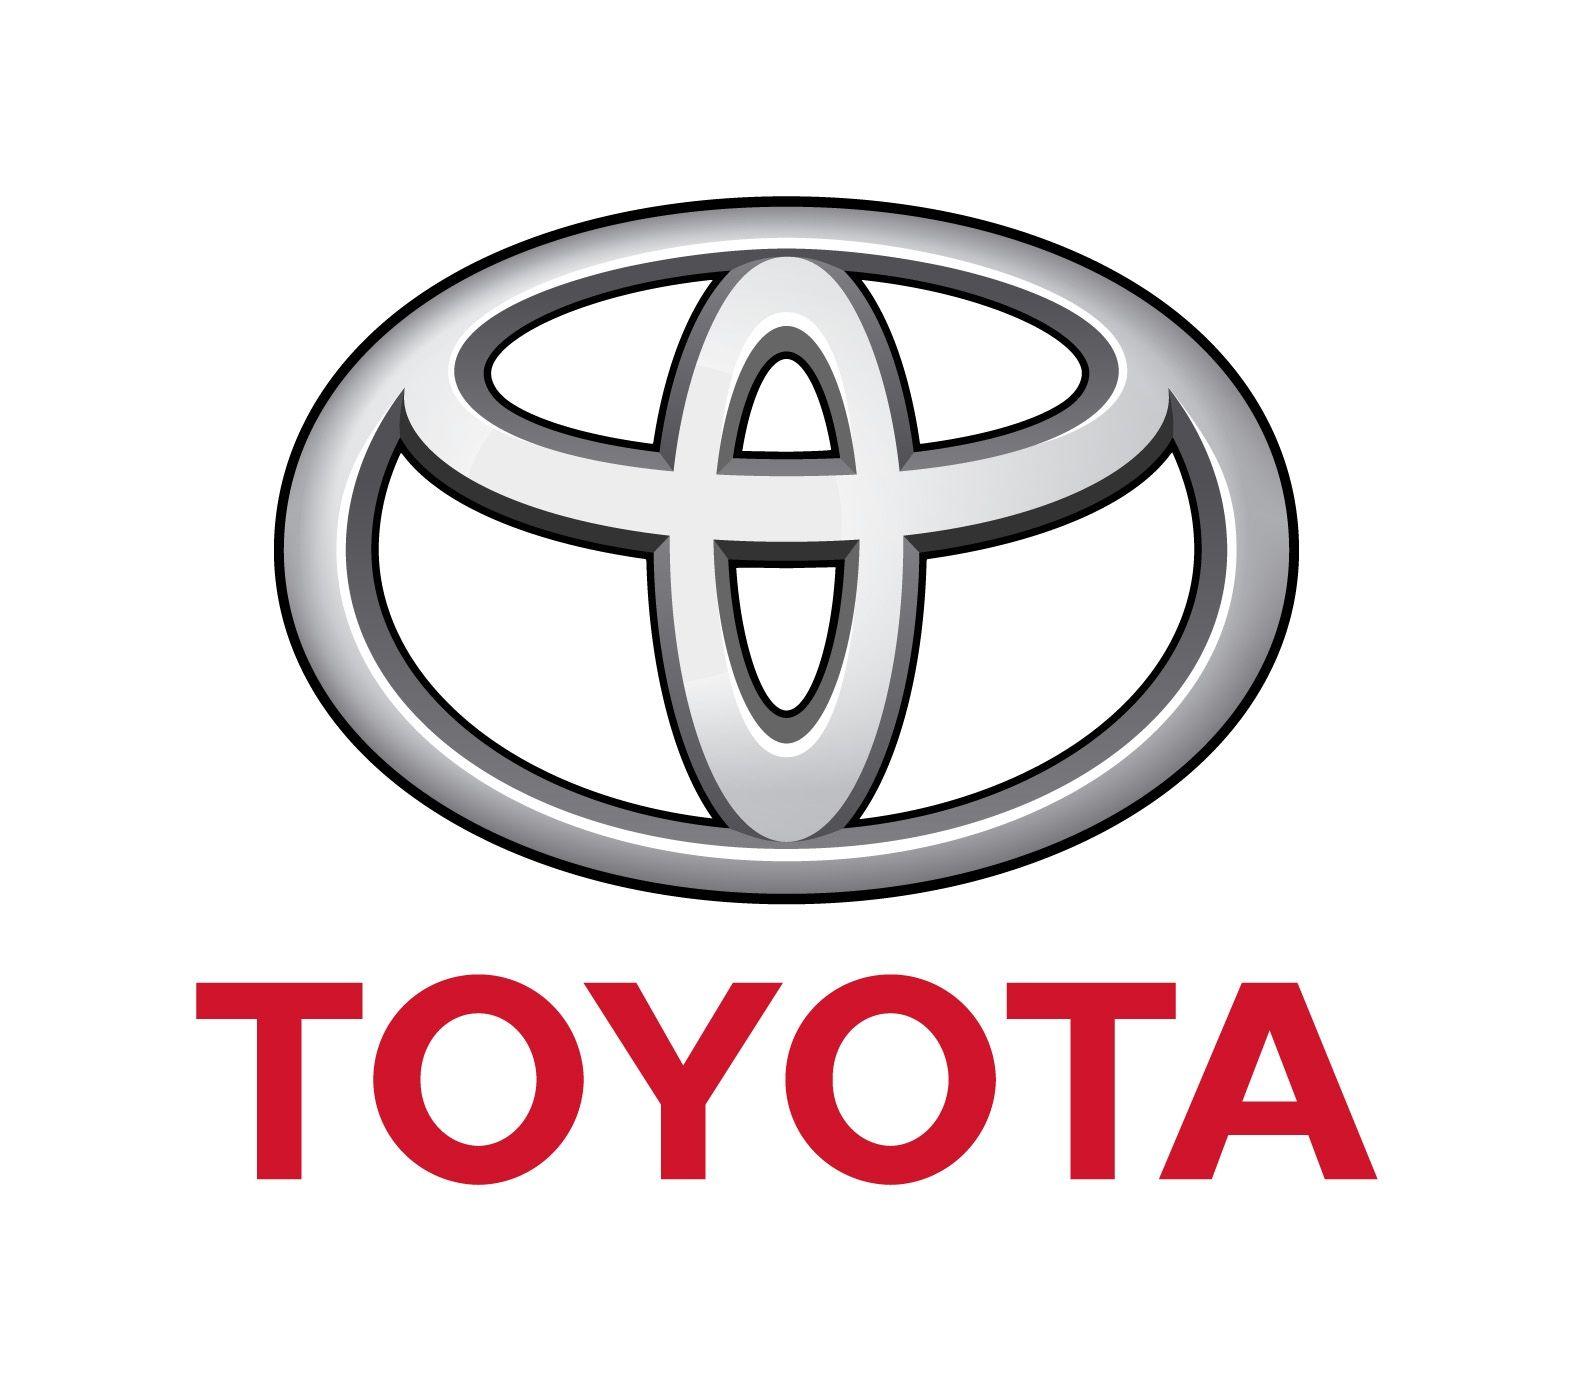 toyota logo slae1025 spring14 section 01 pinterest toyota rh pinterest com Original Toyota Logo Original Toyota Logo